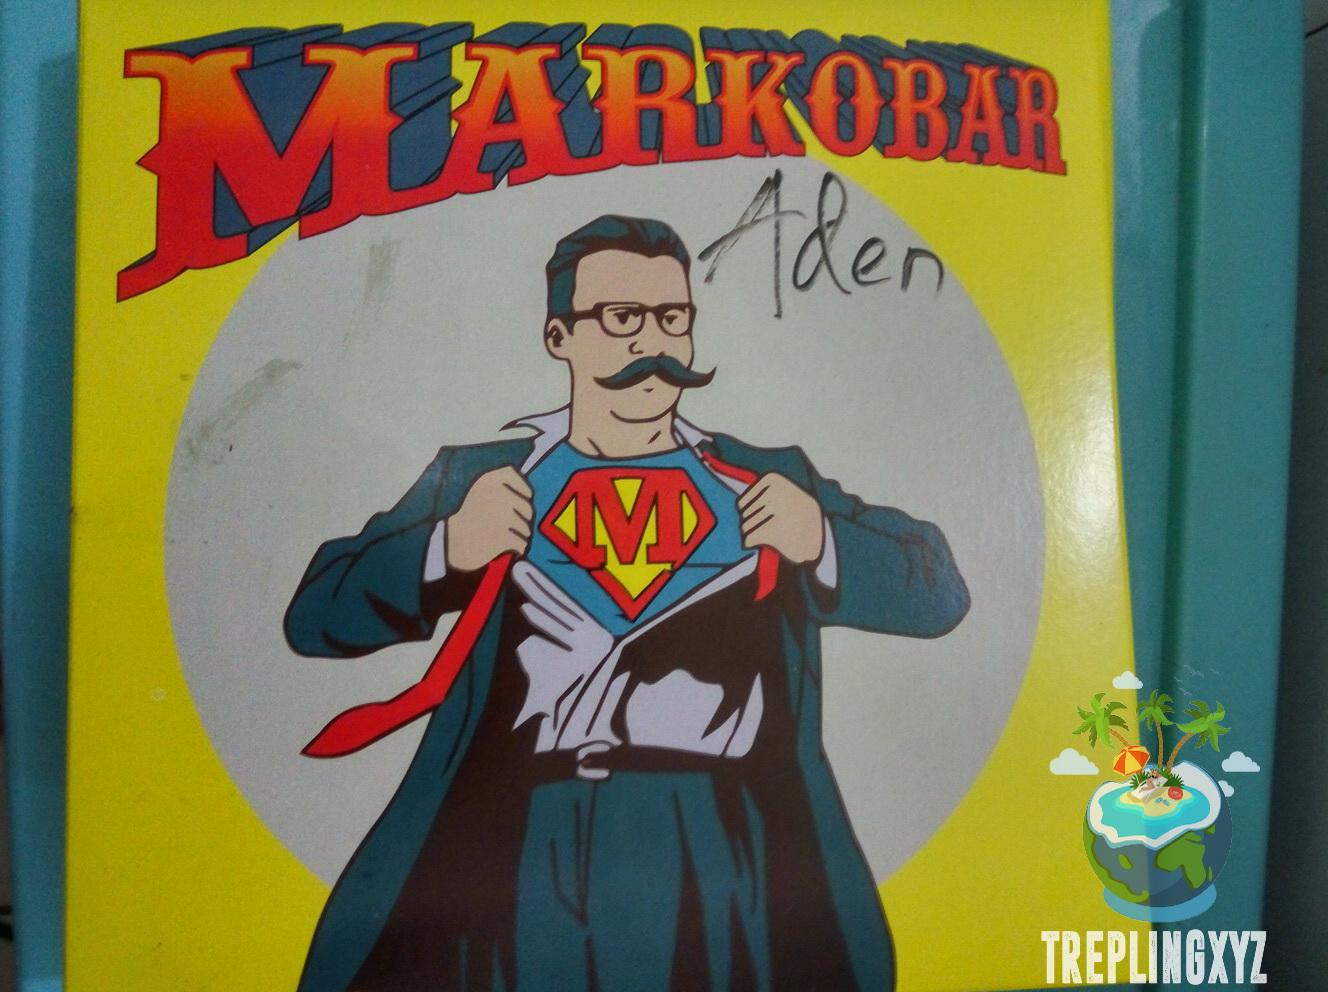 Box Markobar